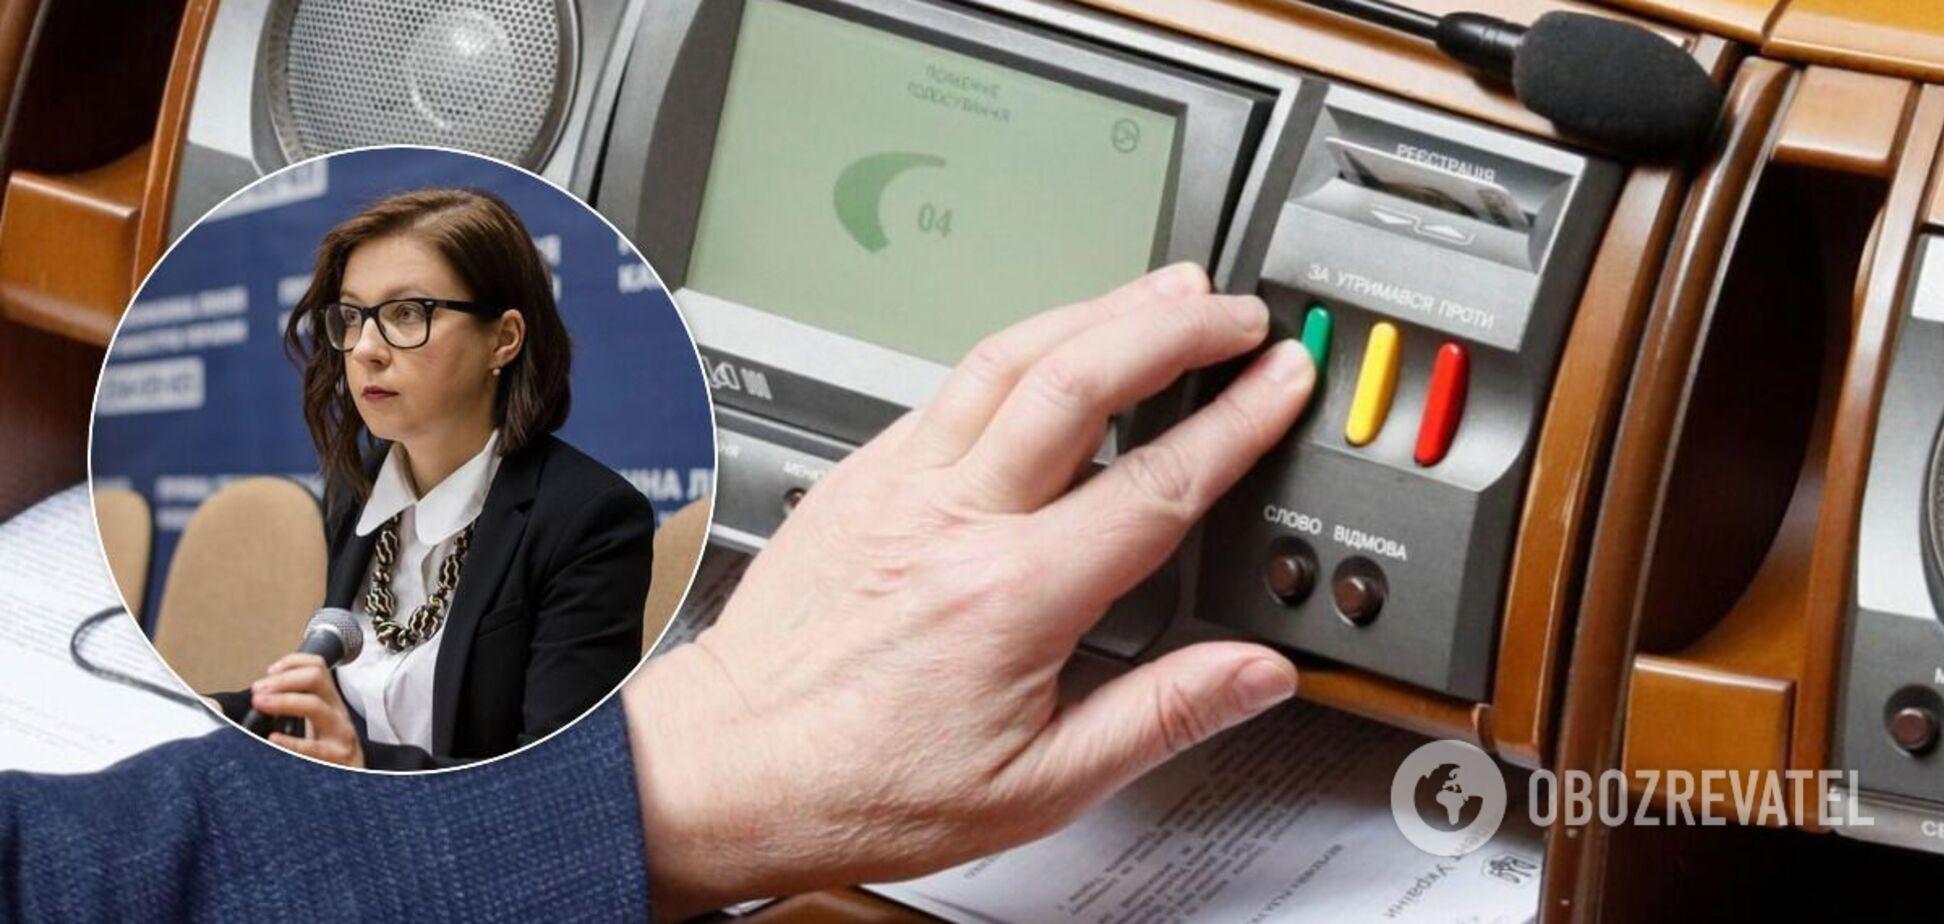 В Раде усилили борьбу с кнопкодавством благодаря давлению 'Голоса'